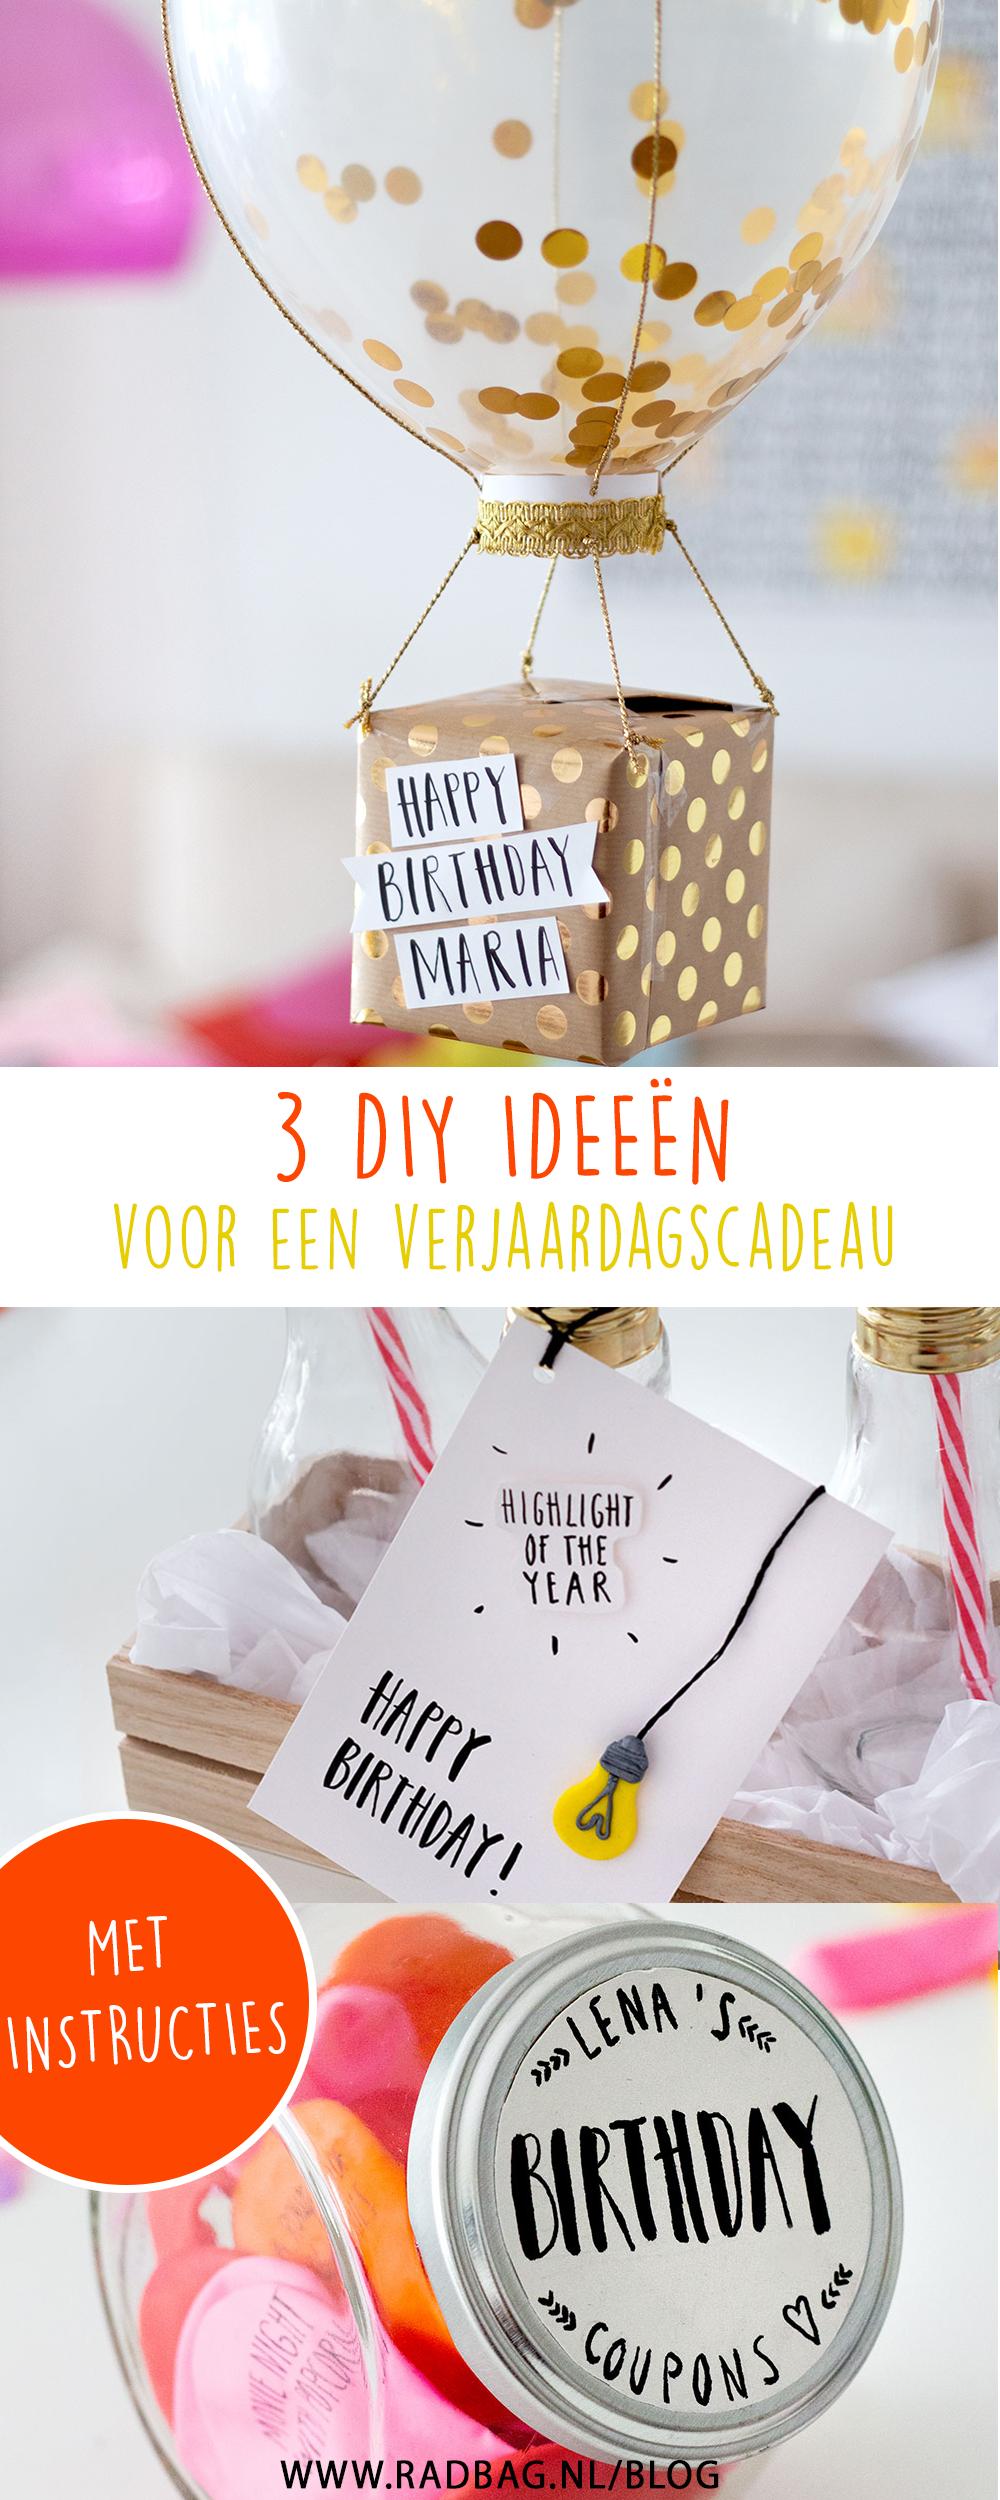 Verjaardag Cadeau.3 Diy Ideeen Voor Een Origineel Verjaardagscadeau